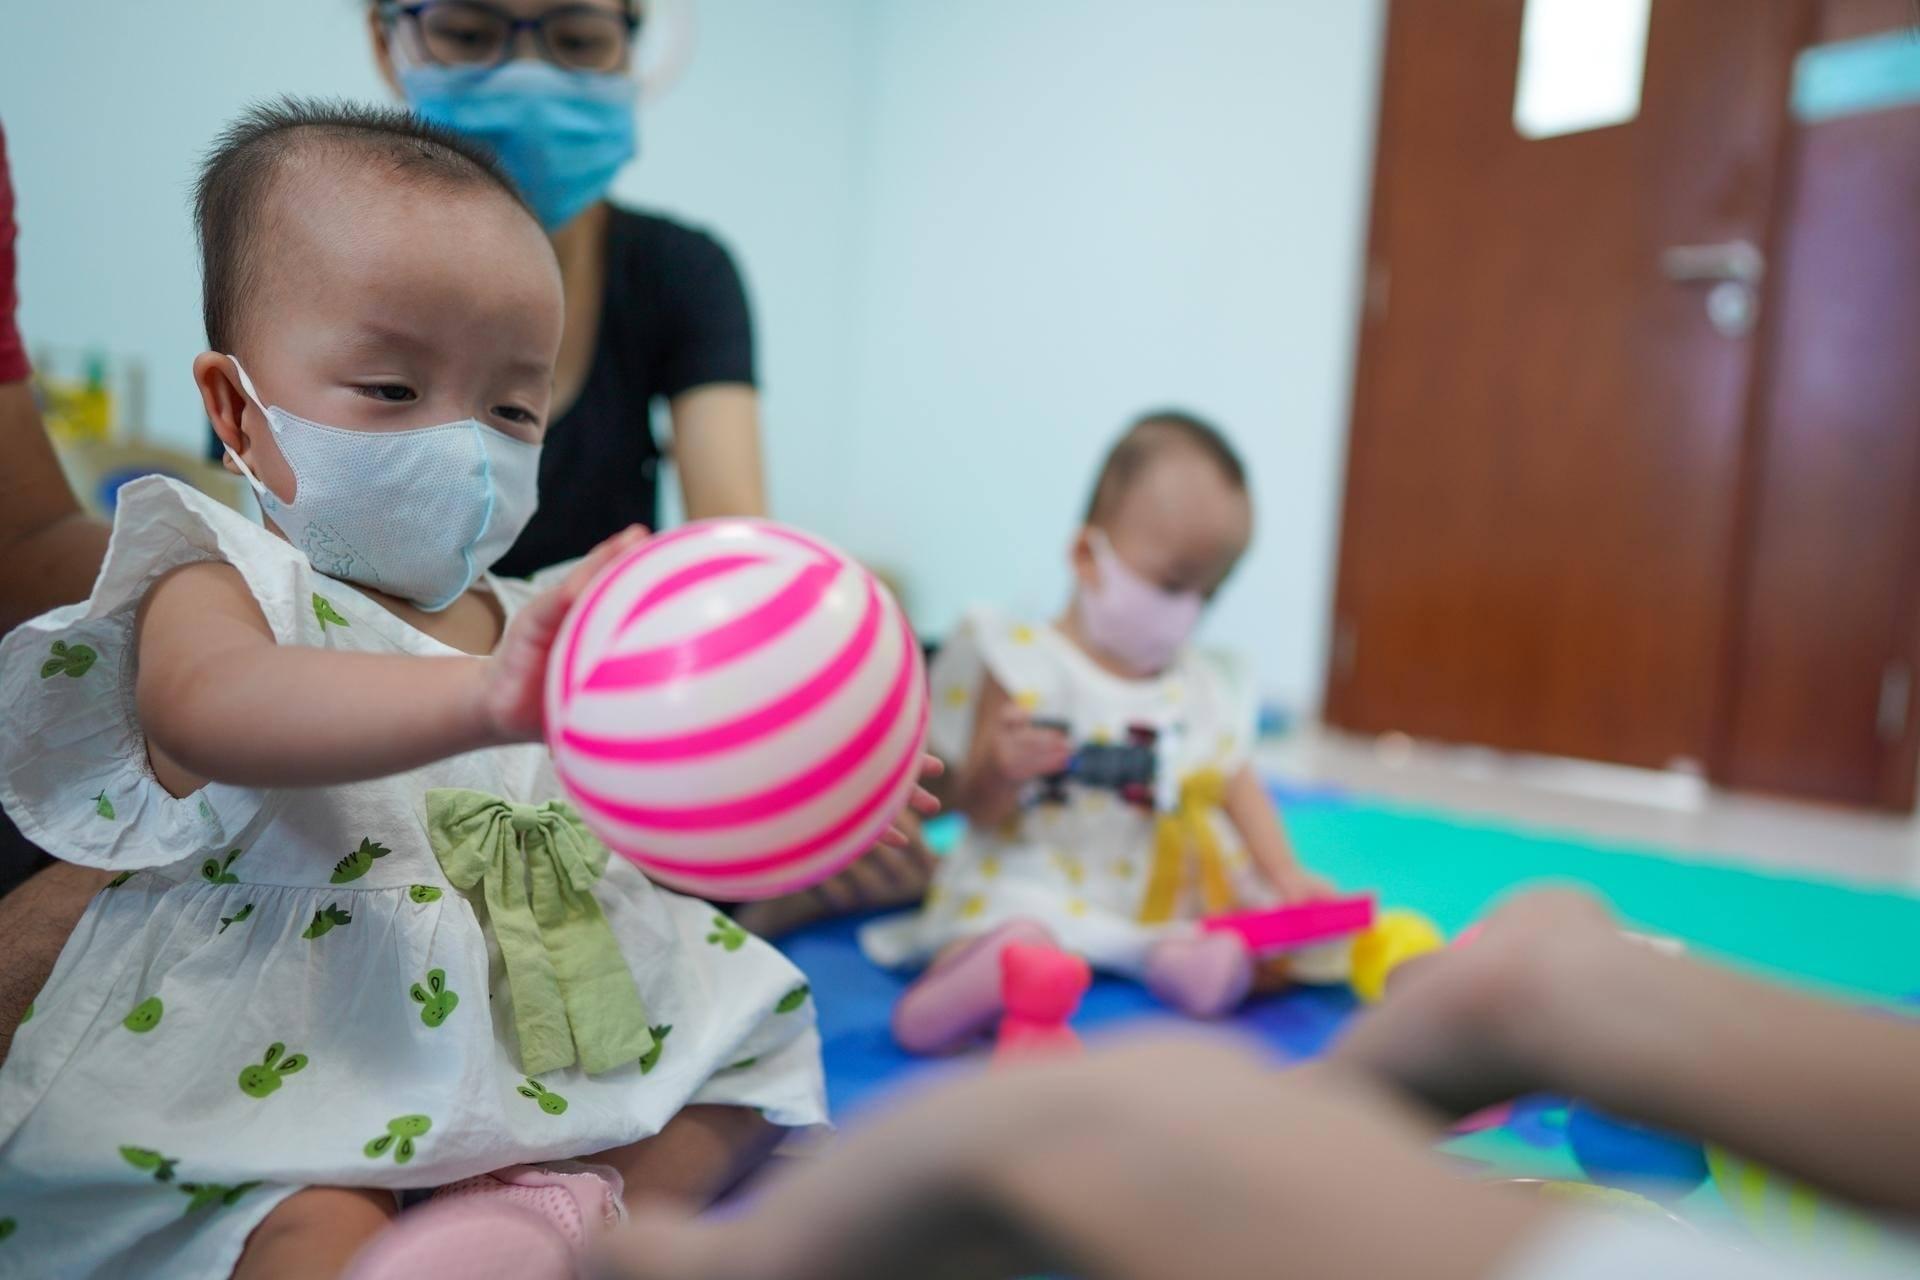 Trúc Nhi - Diệu Nhi về nhà đón Trung thu trước khi trở lại viện thực hiện cuộc phẫu thuật tiếp theo 4